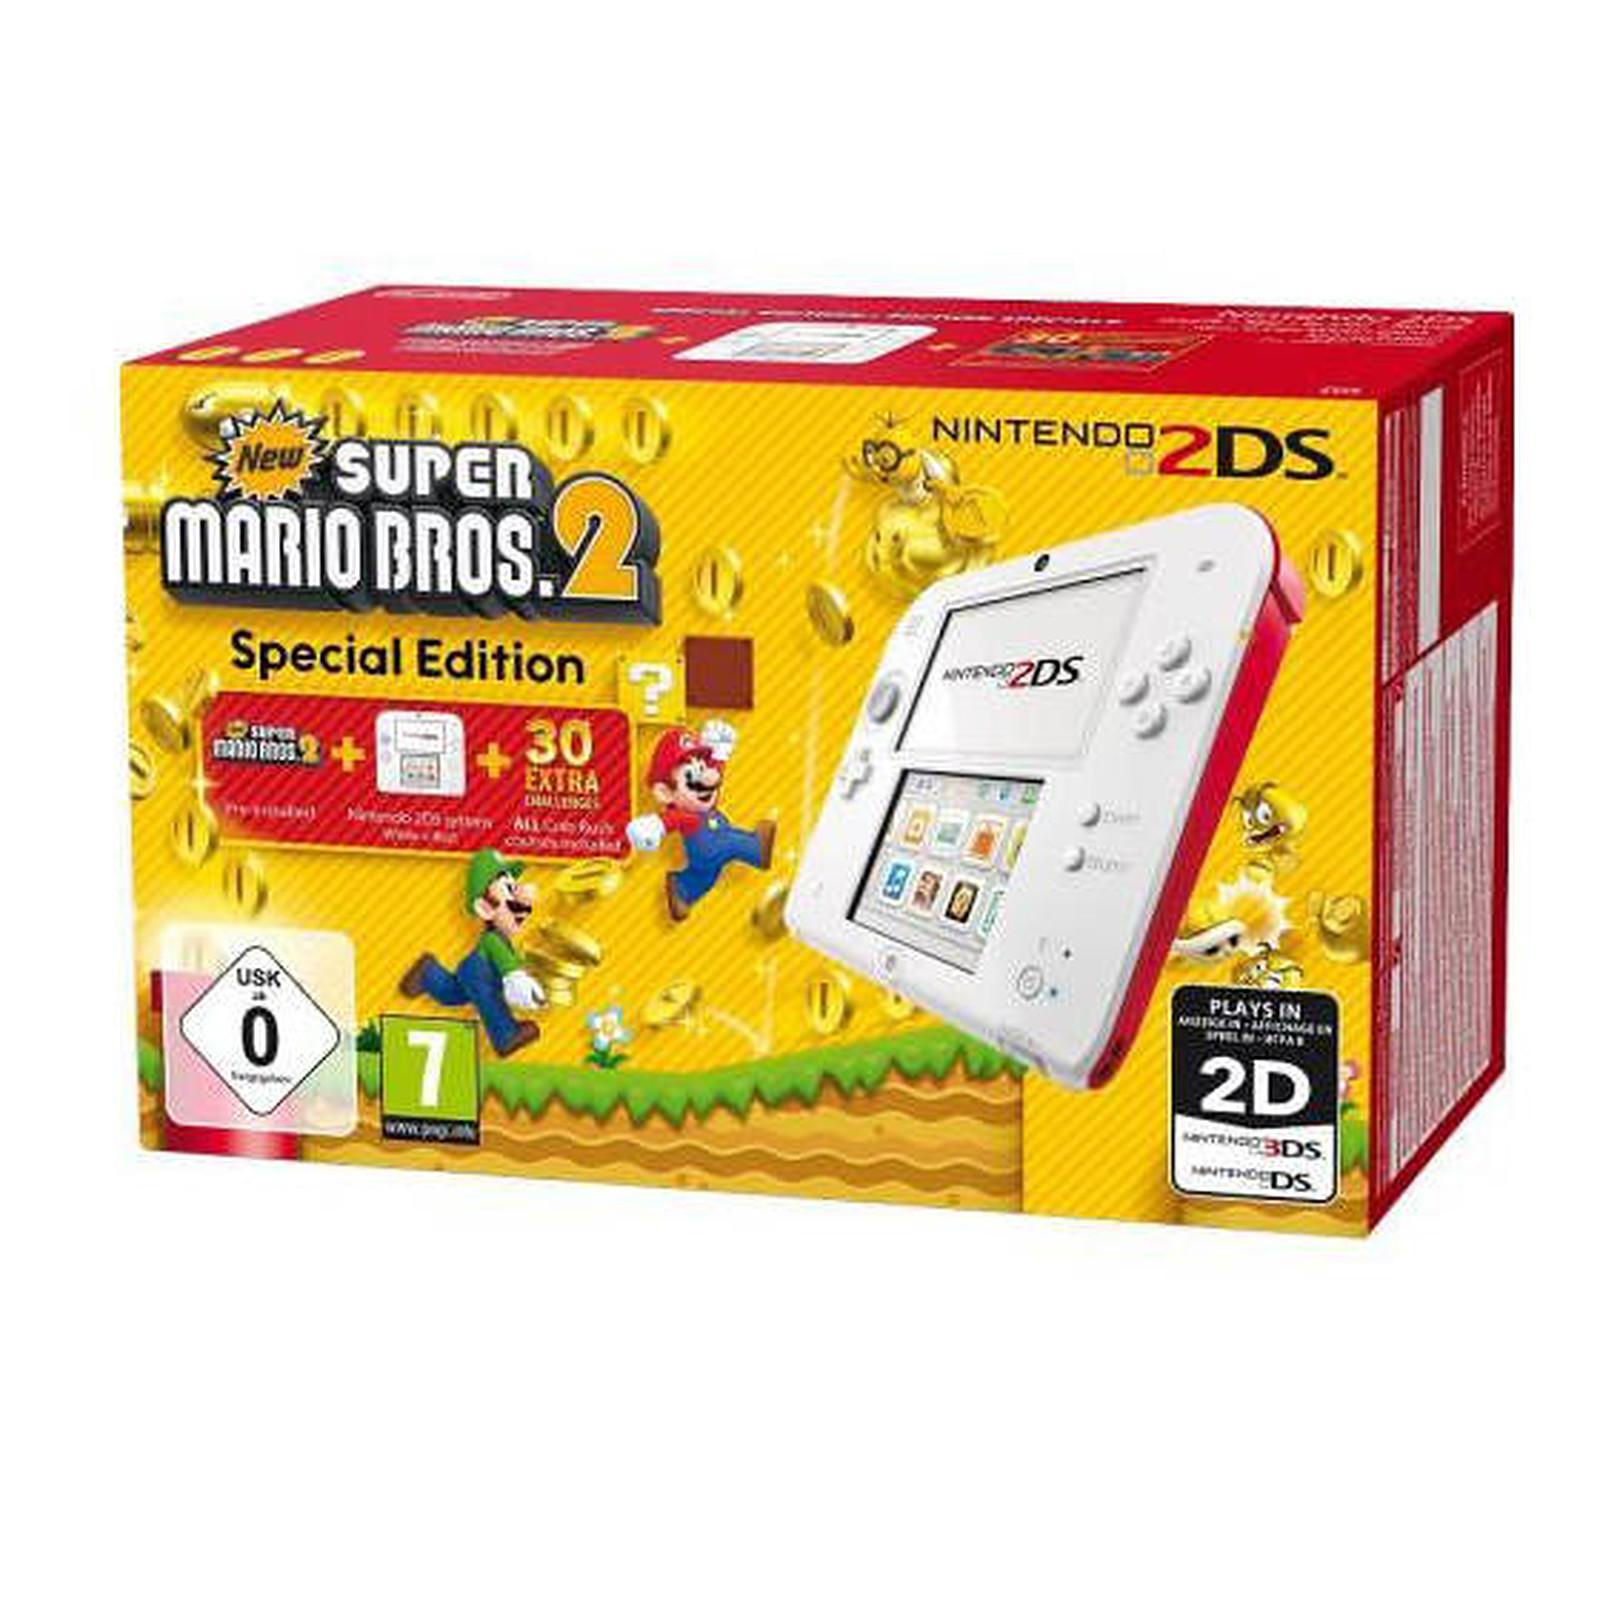 Nintendo 2DS (rouge) + New Super Mario Bros 2